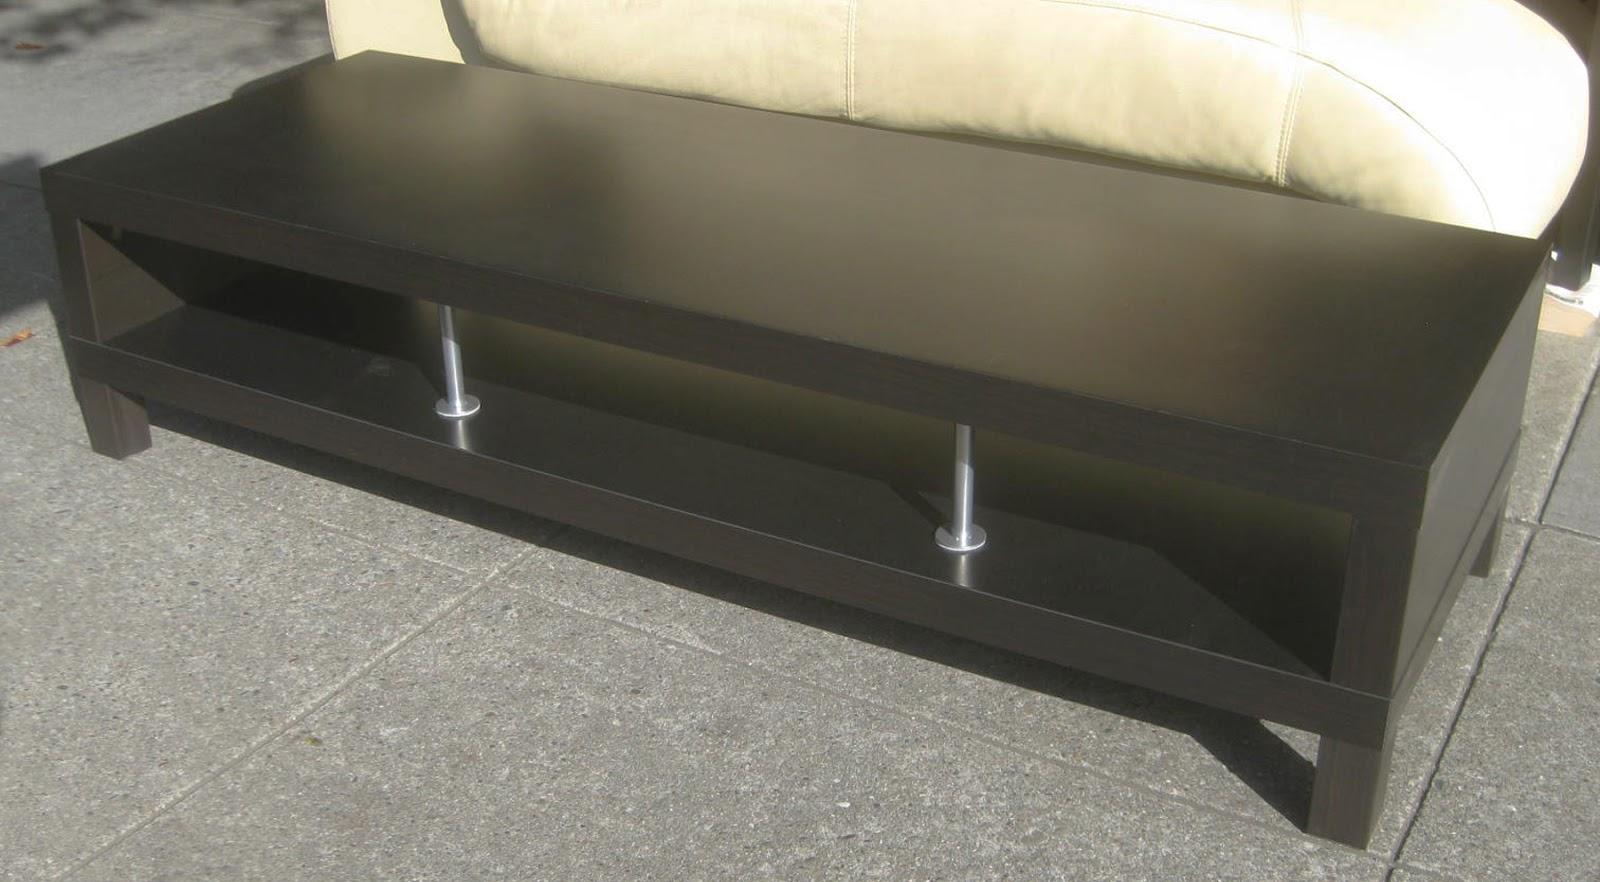 UHURU FURNITURE & COLLECTIBLES: SOLD - Black Ikea Coffee Table